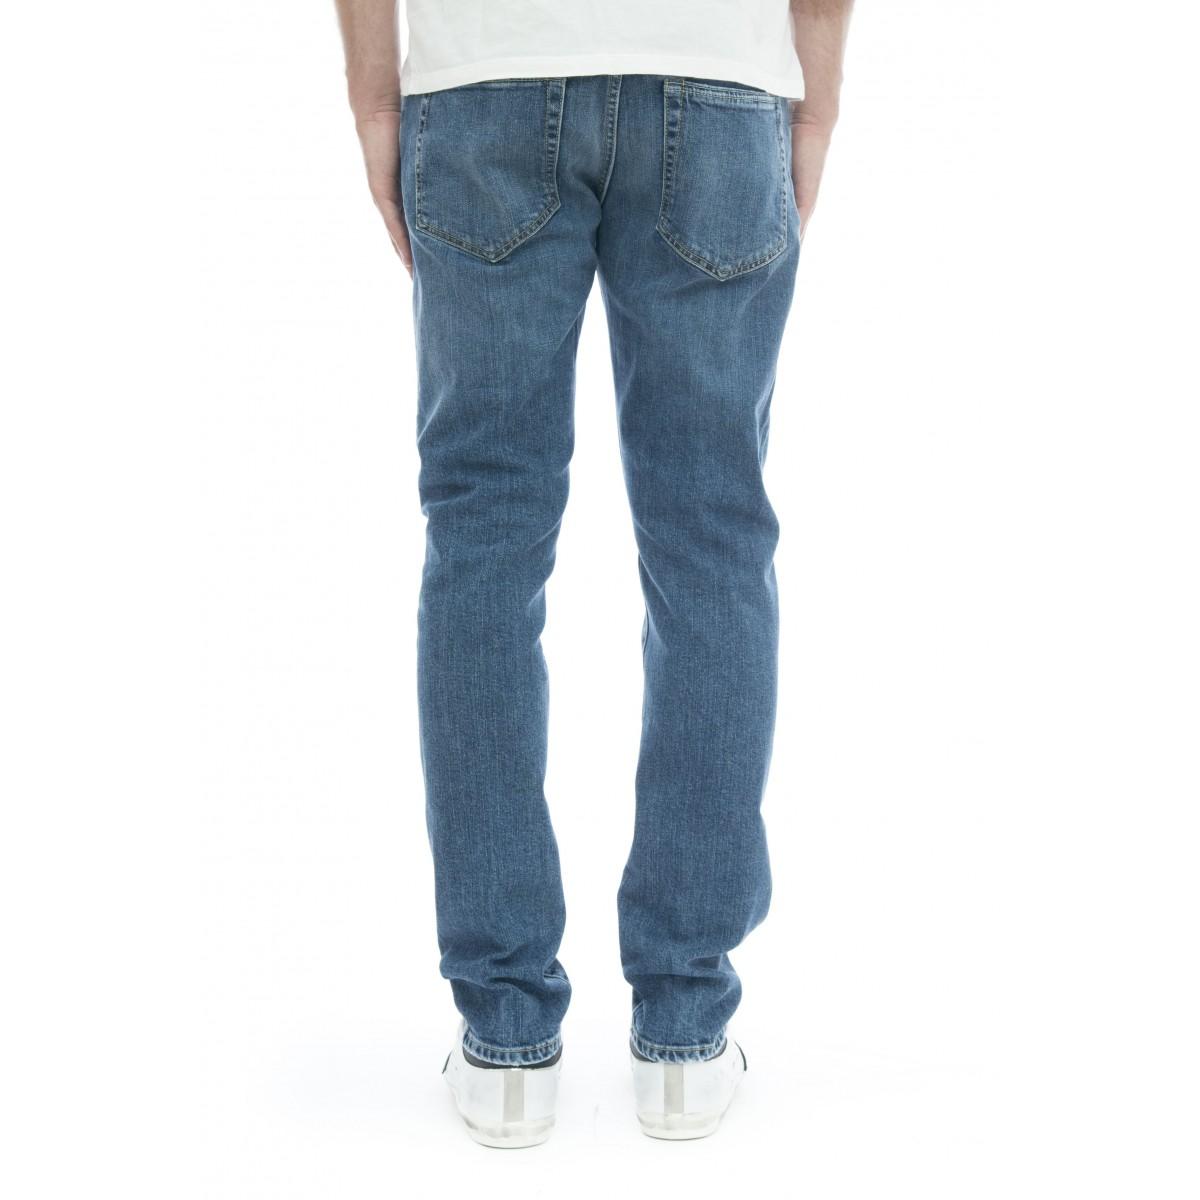 Jeans - Freind skinny